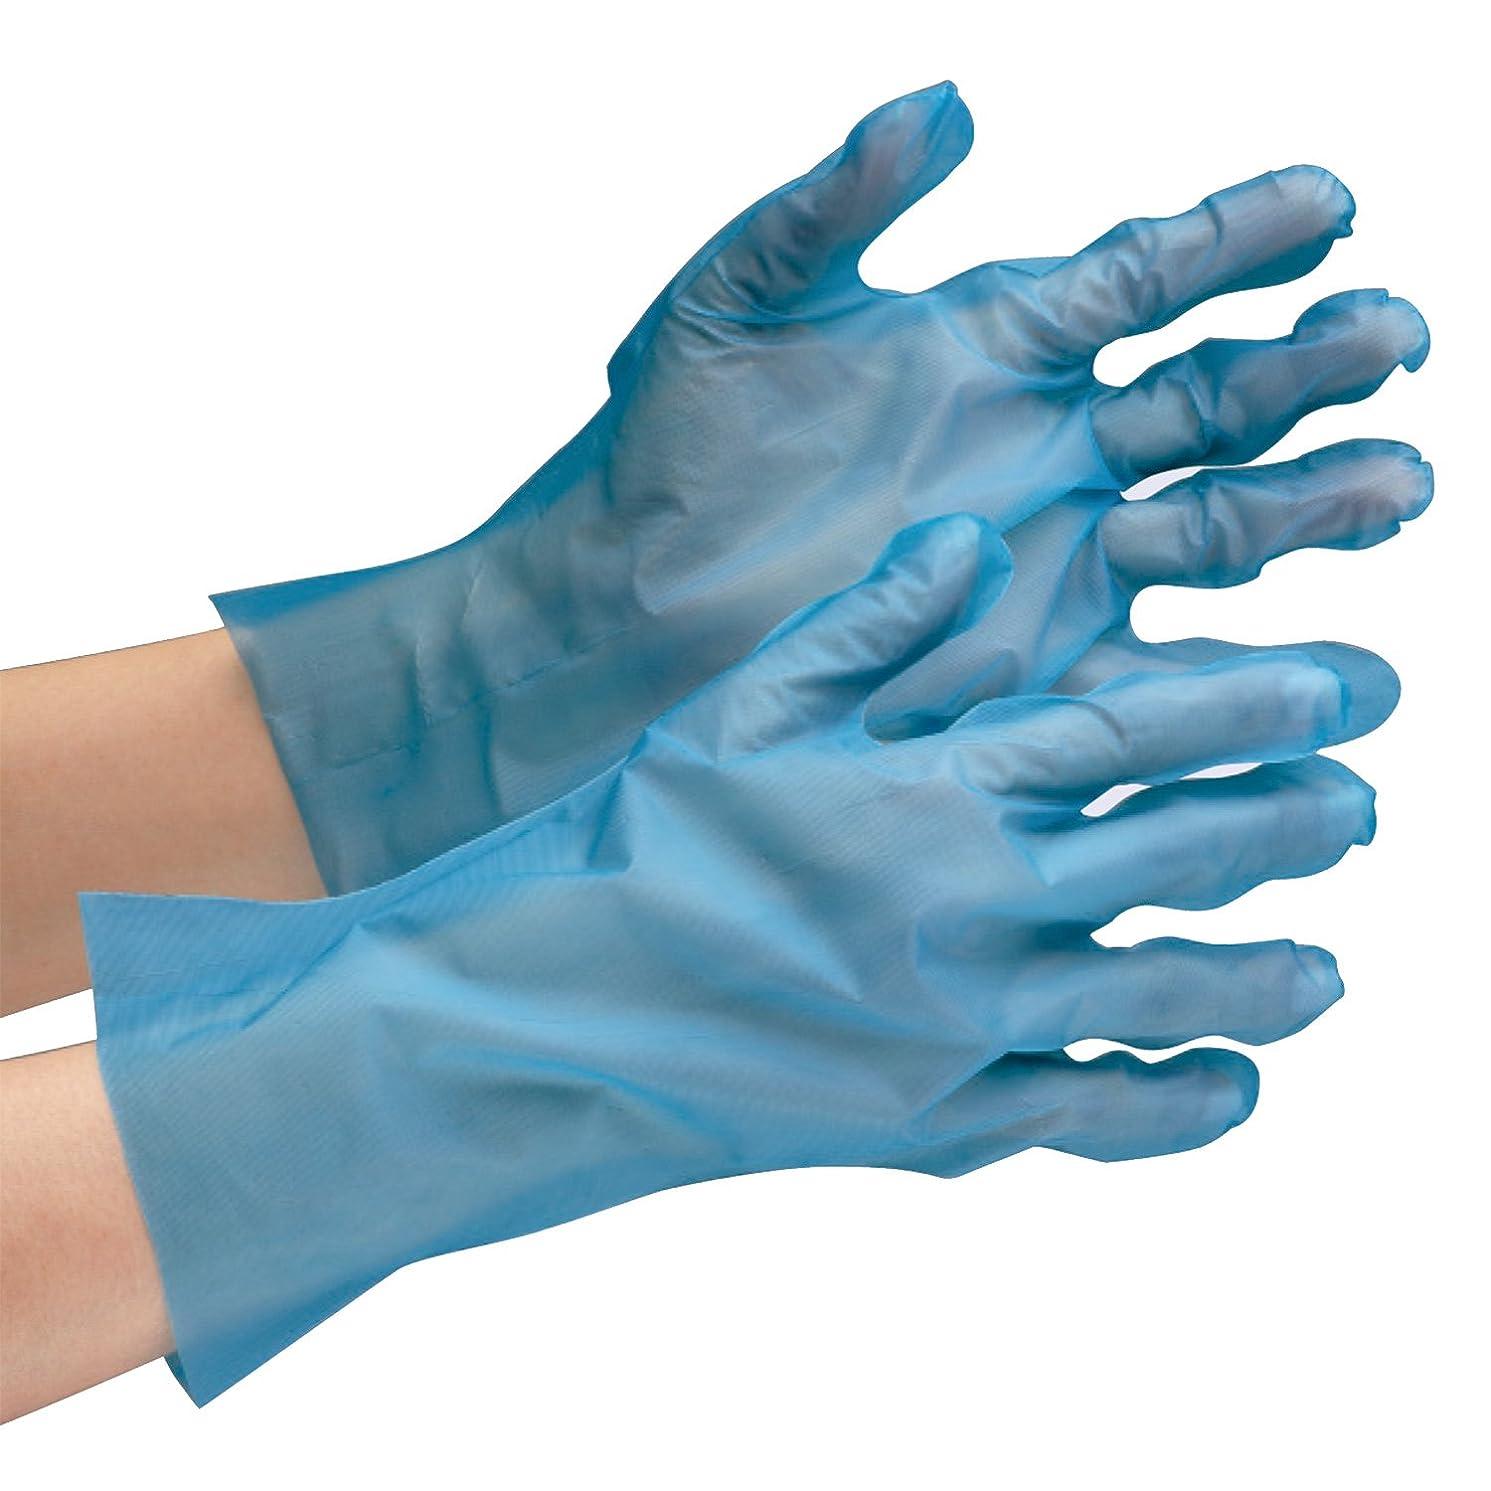 音声独立大統領ミドリ安全 ポリエチレン使い捨て手袋 外エンボス 200枚入 青 SS VERTE576SS